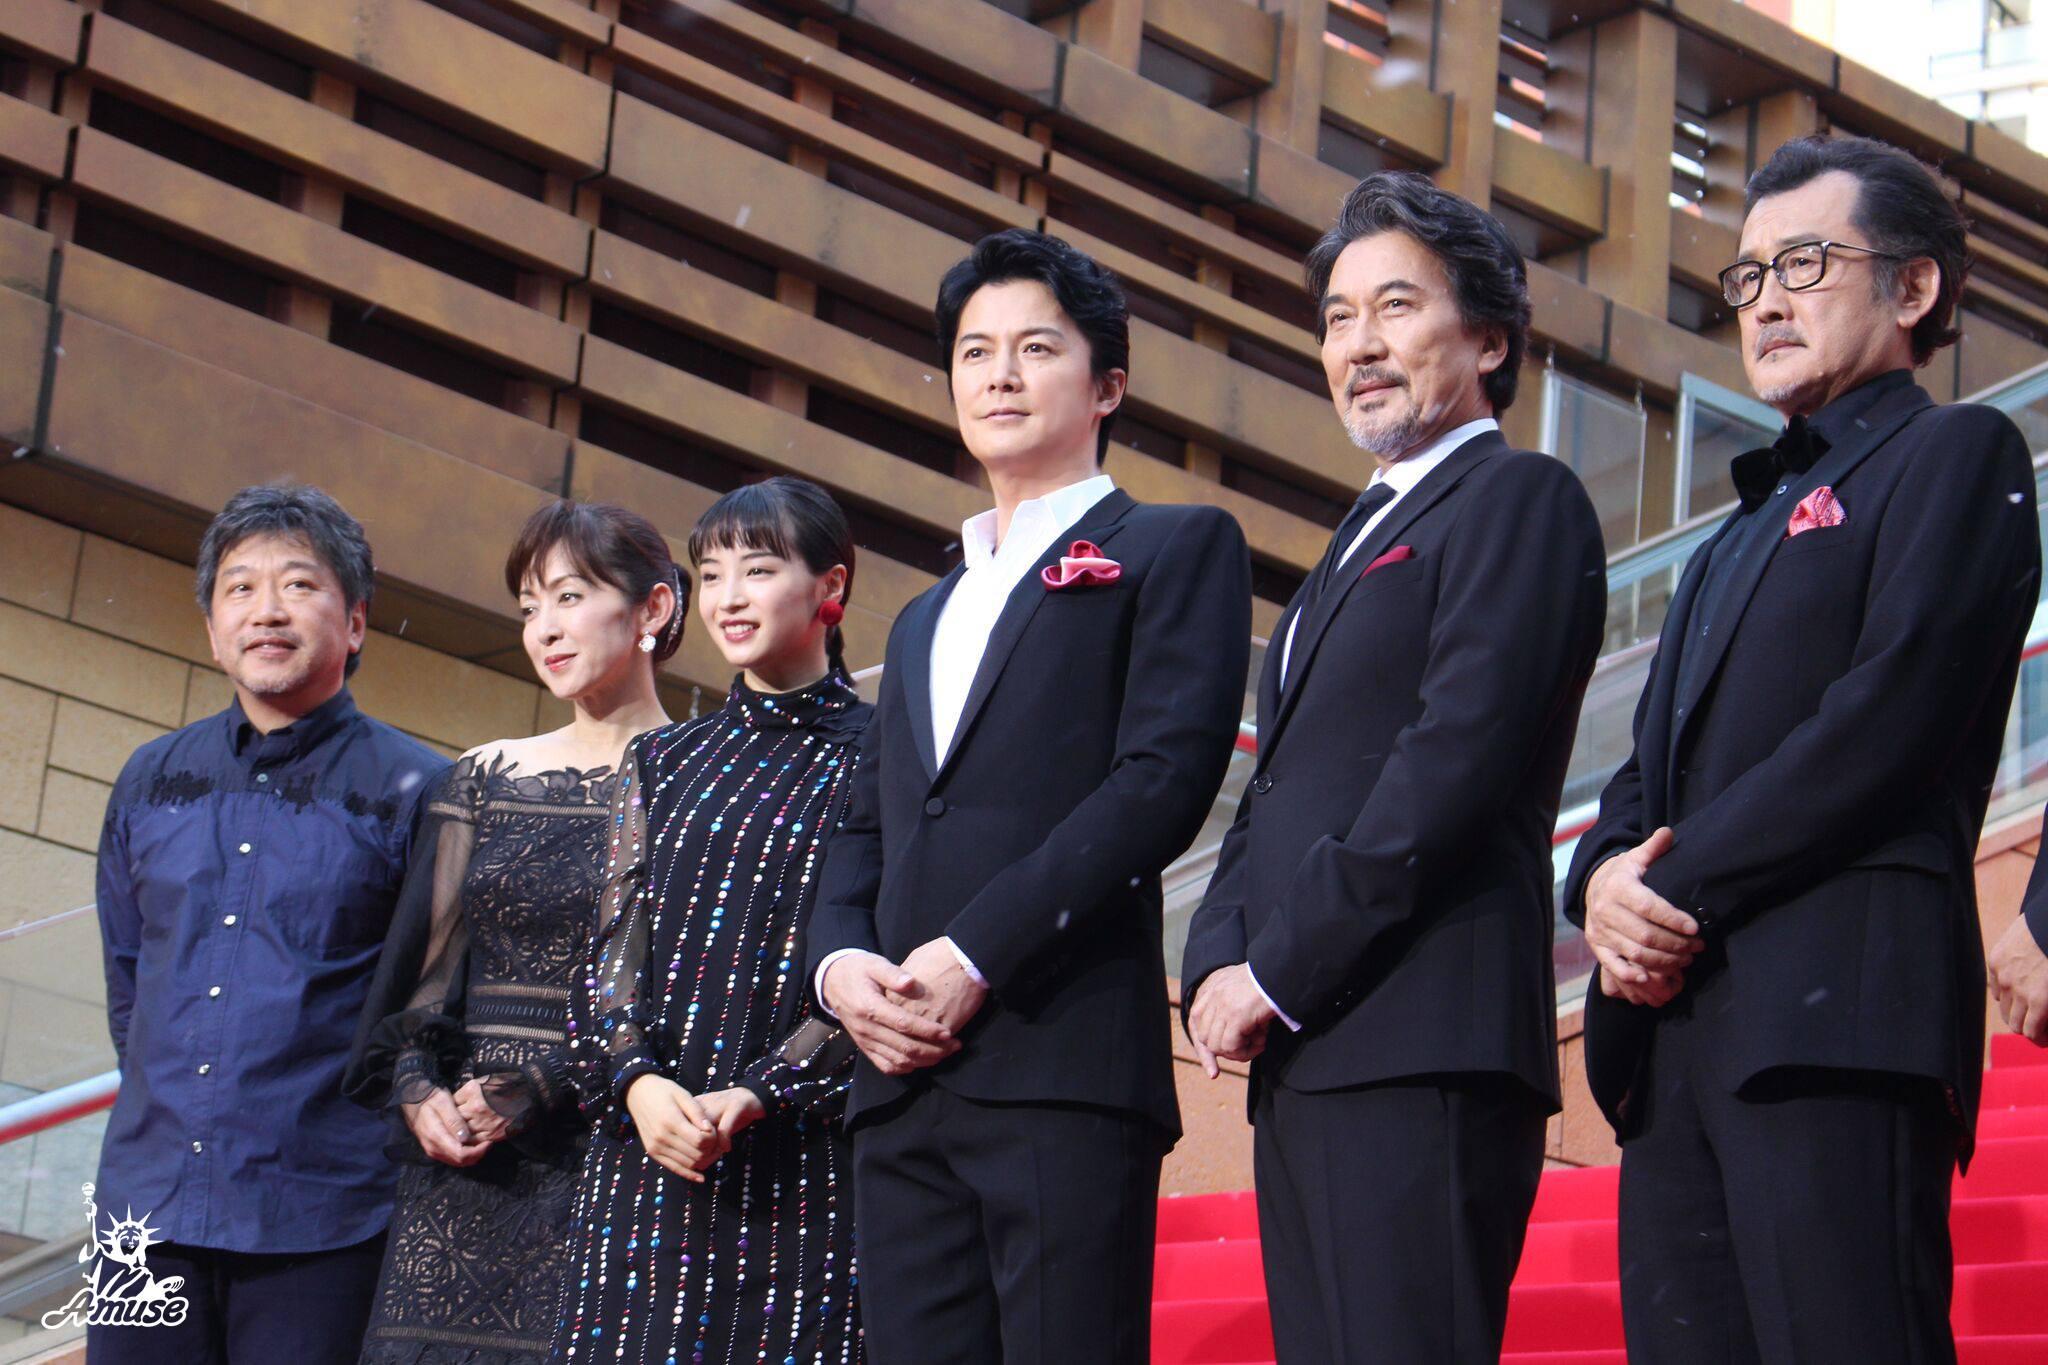 Hirokazu Koreeda Sandome No Satsujin